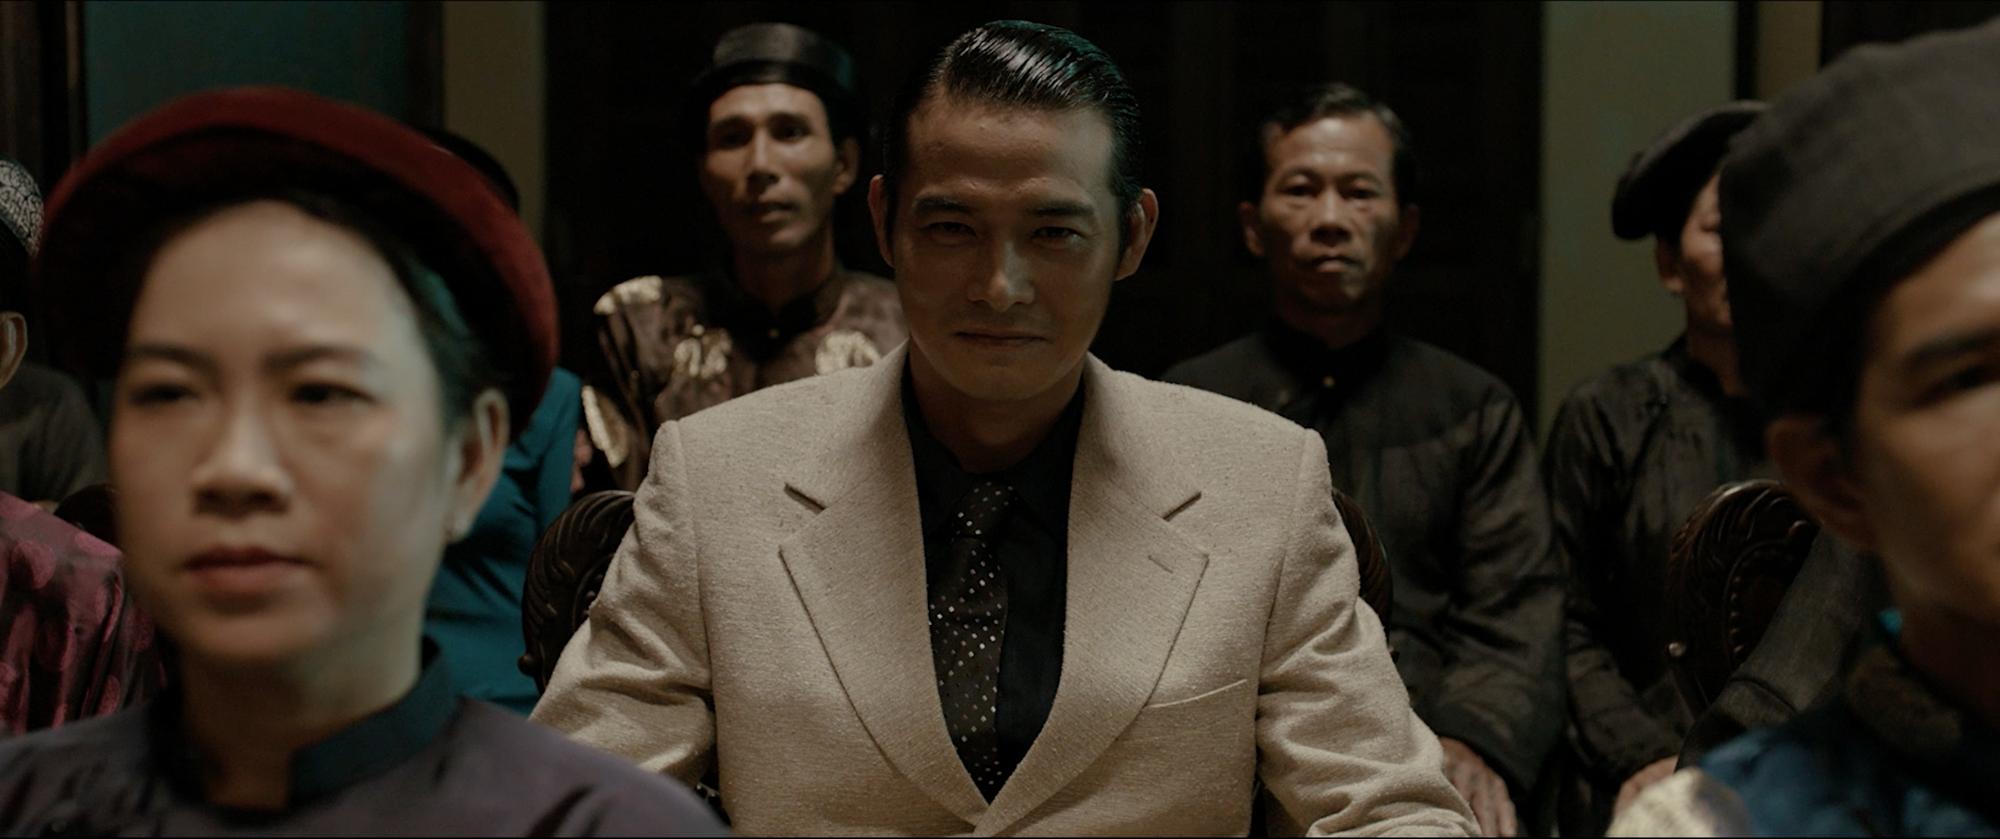 Ả đào Jun Vũ hứa hẹn lột xác bằng cảnh nóng với Quách Ngọc Ngoan trong Người Bất Tử - Ảnh 8.